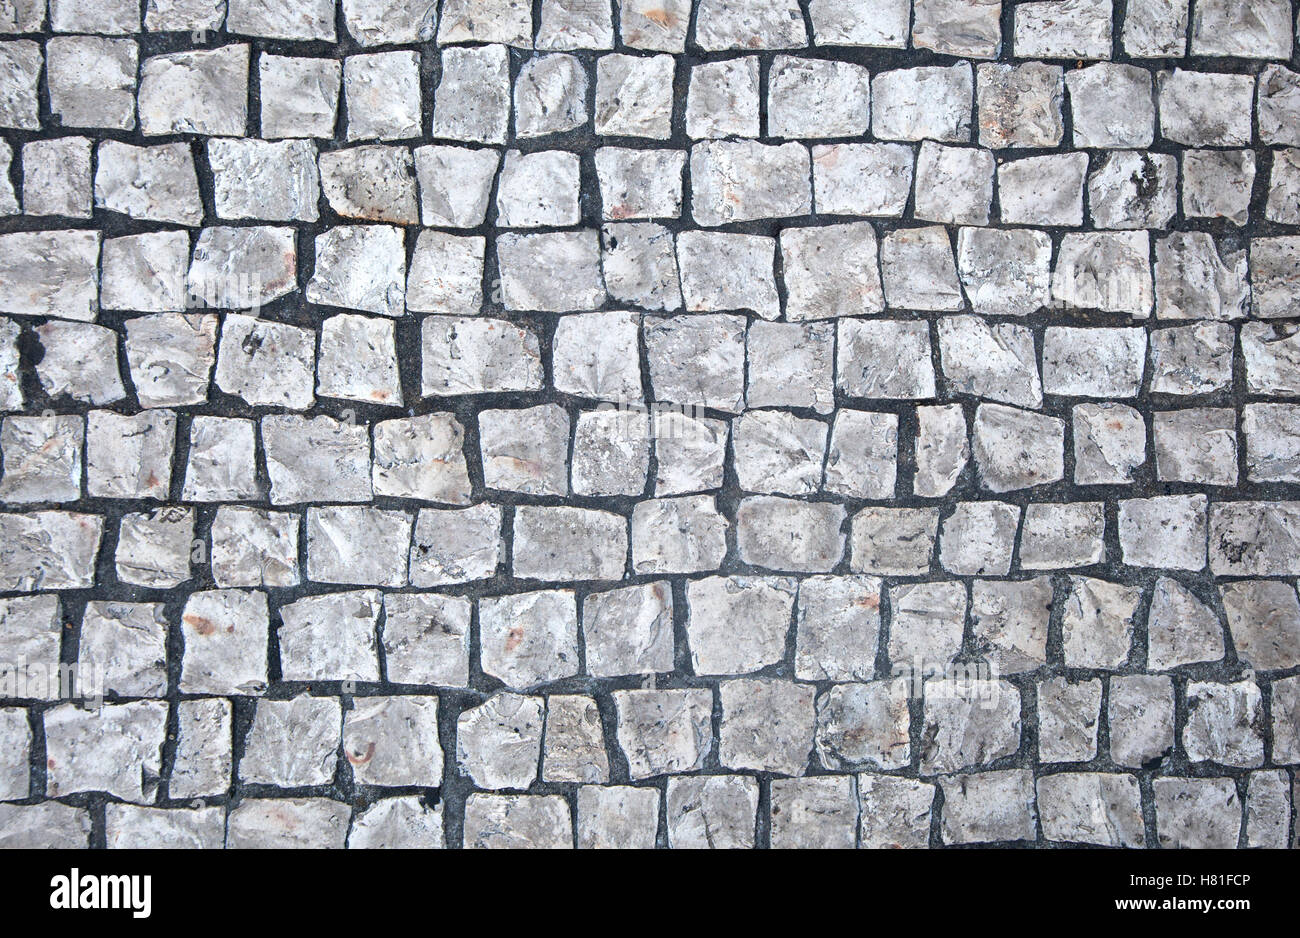 Cobblestone floor background - Stock Image